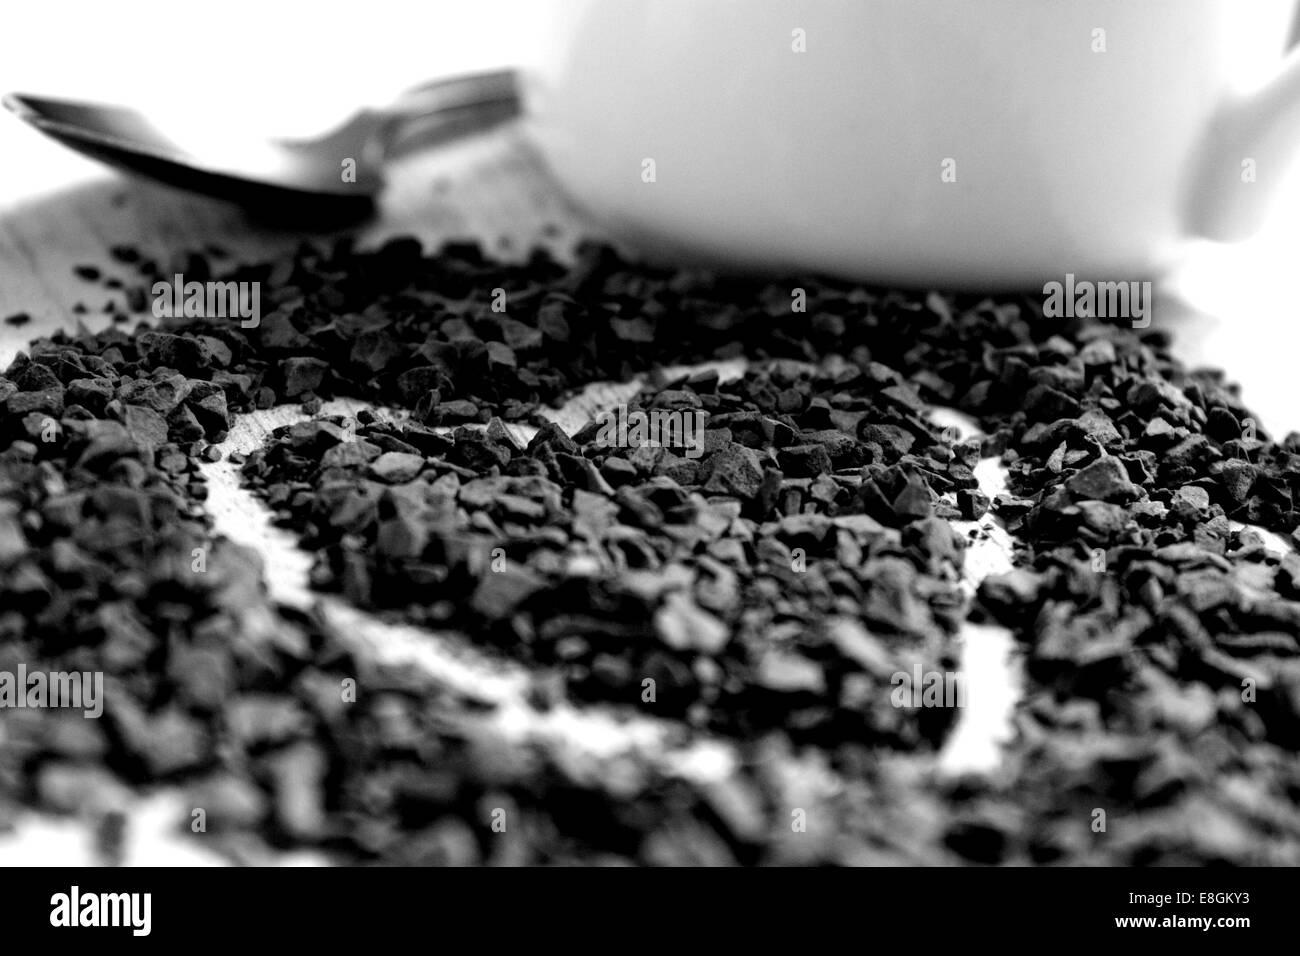 Un coeur dessiné dans les granules de café le long d'une petite cuillère en argent et blanc mug Photo Stock